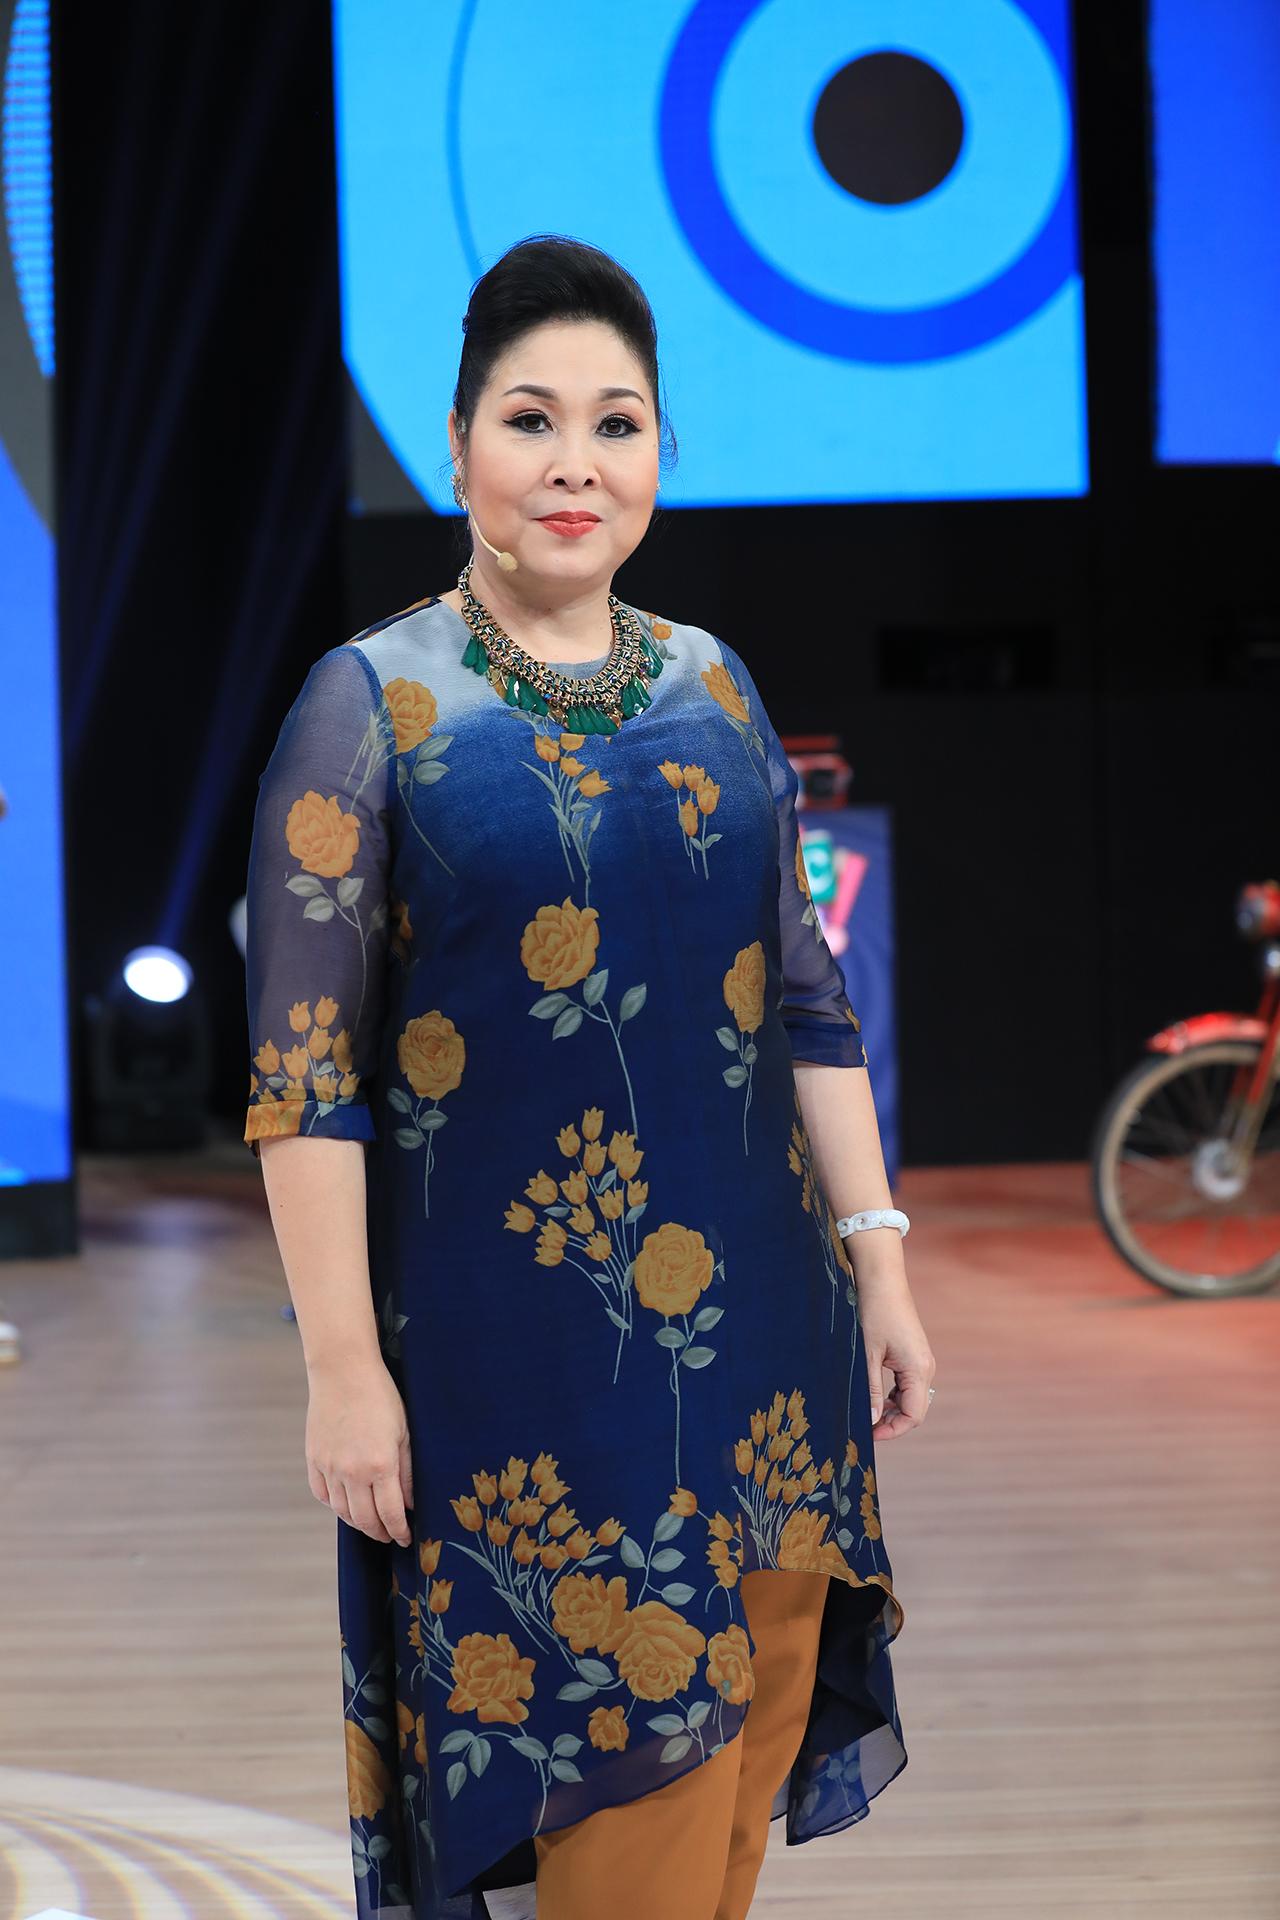 Vì sao NSND Hồng Vân ra Hà Nội diễn bị khán giả phản ứng khủng khiếp và tẩy chay? - 3